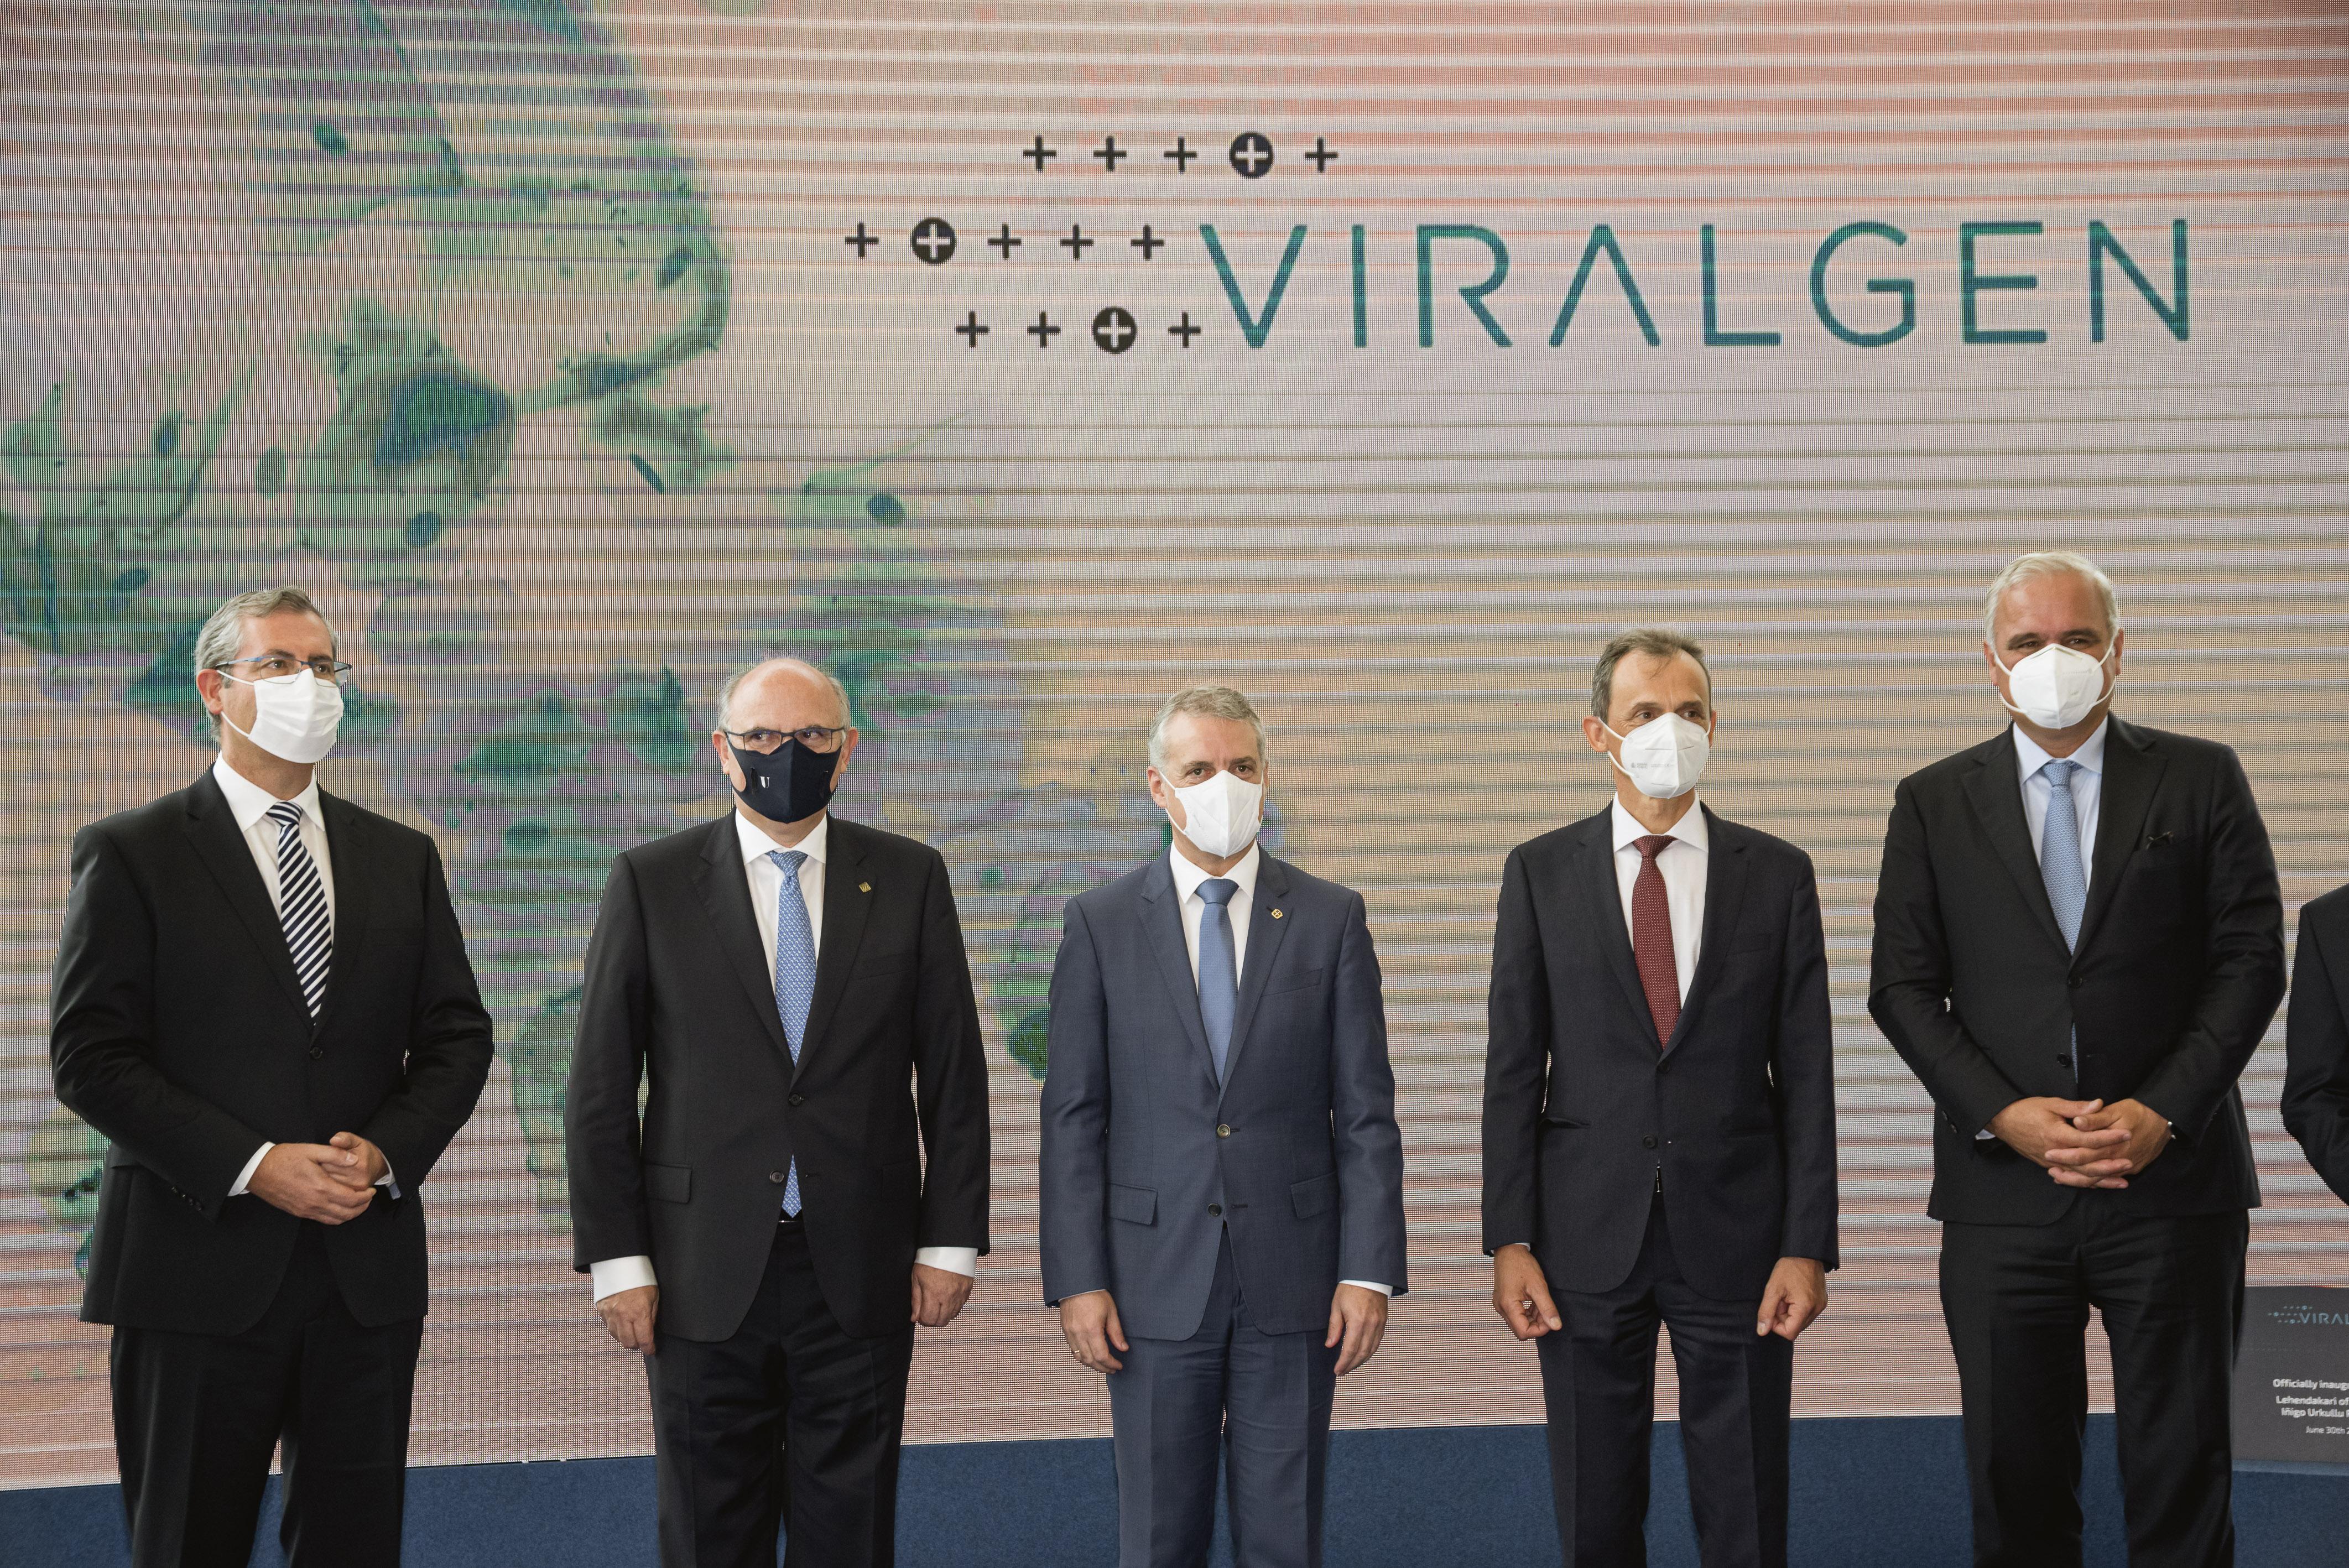 Lehendakariak ziurtatu du Euskadik potentziala duela bioteknologiarako berrikuntza-zentro bihurtzeko munduan [7:37]